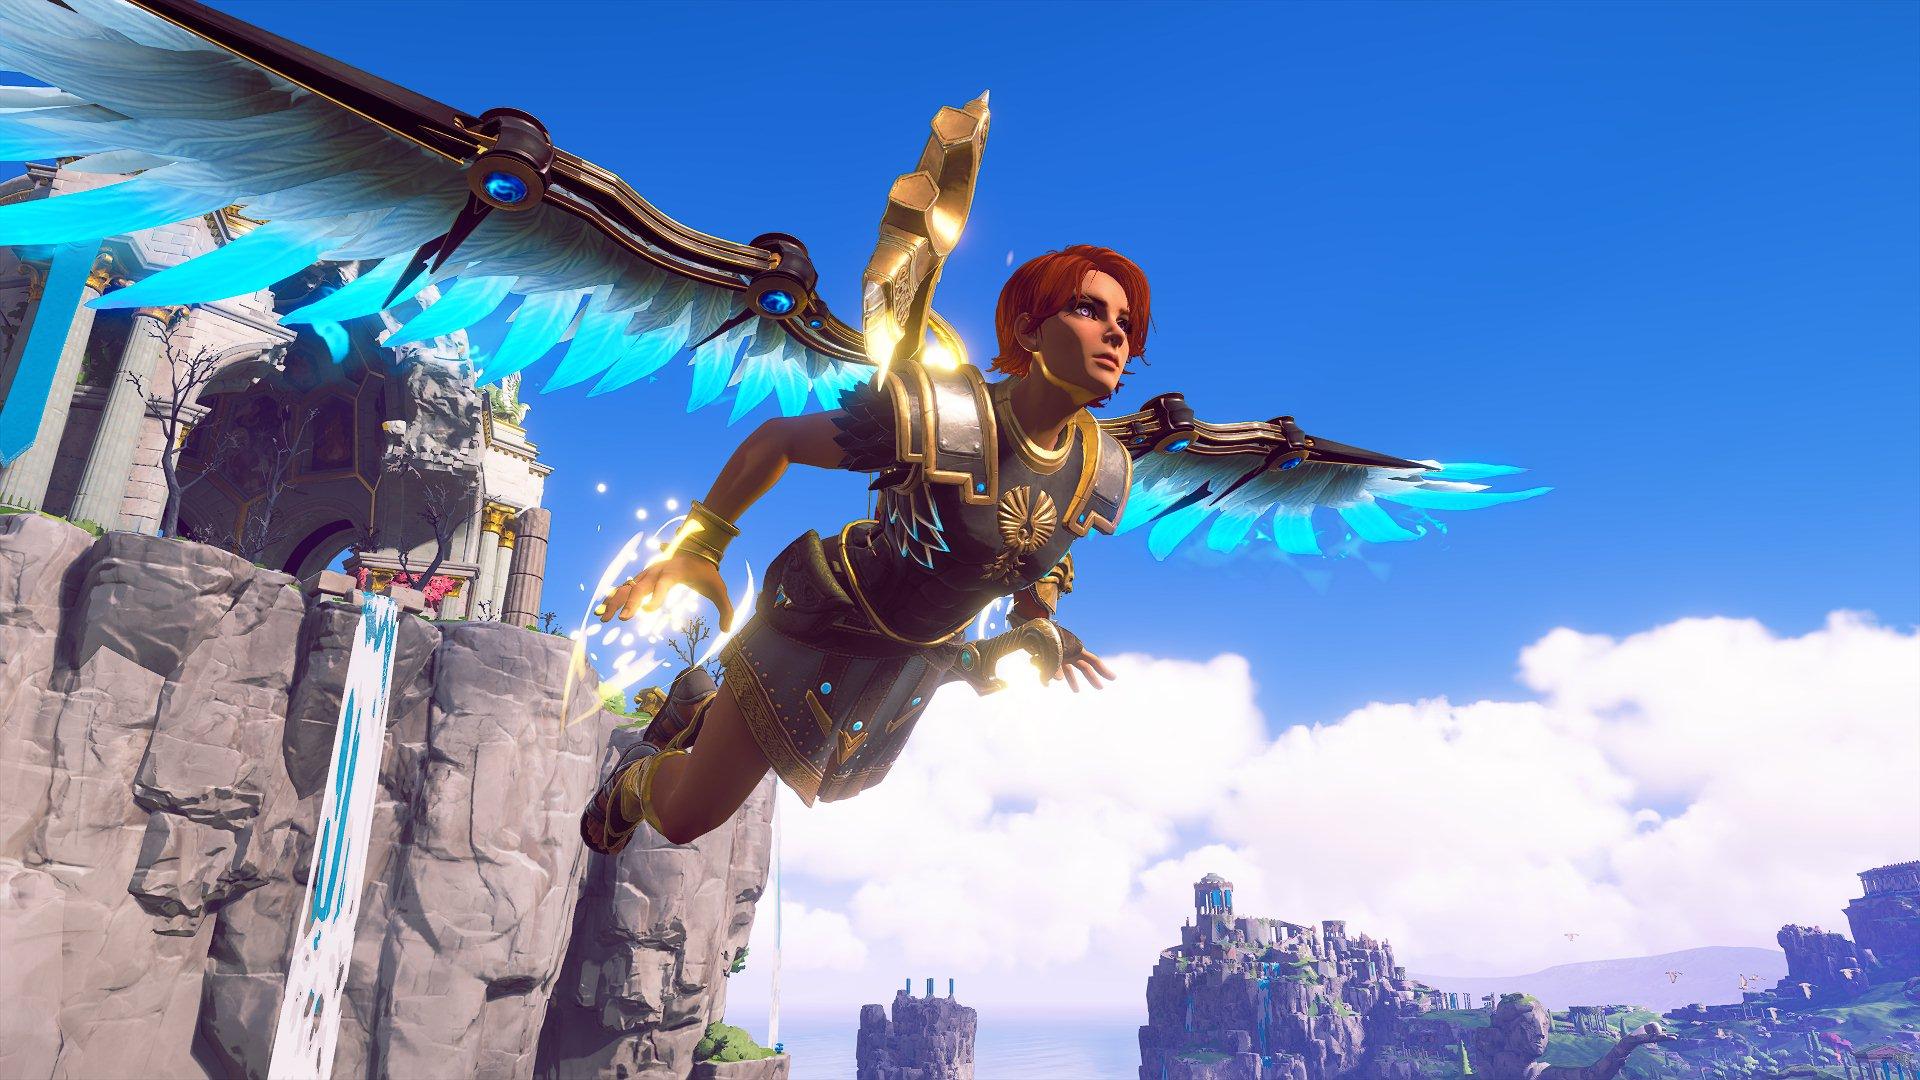 Полет Феникс в игре от Ubisoft